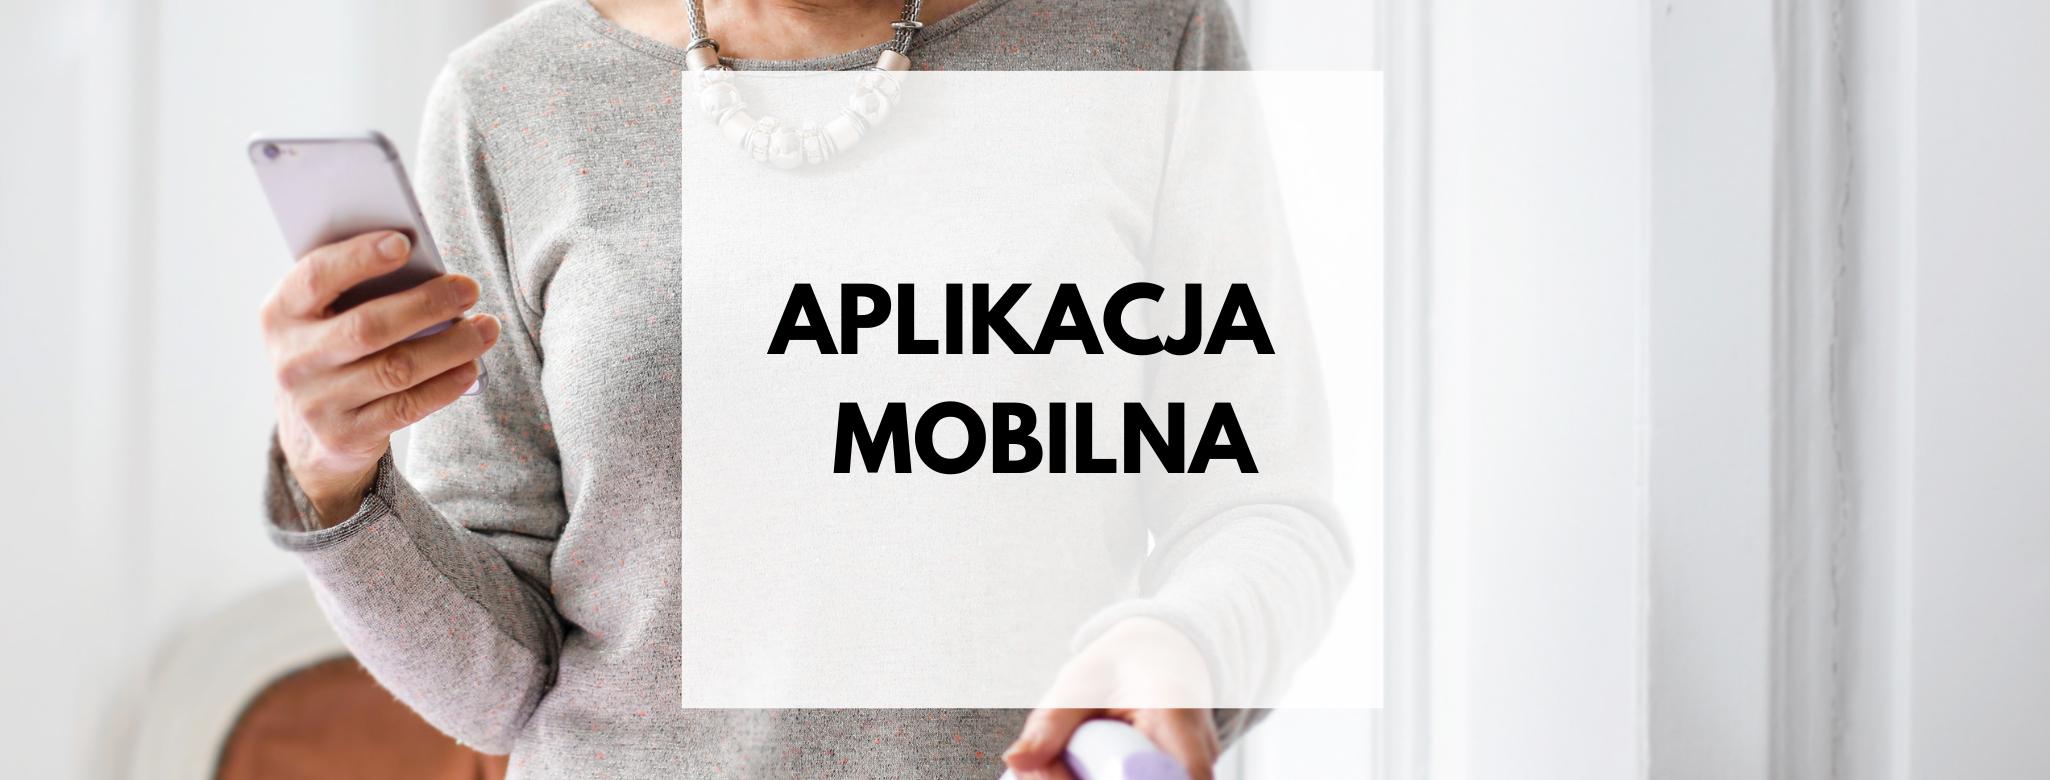 nagłówek graficzny o treści: aplikacja mobilna